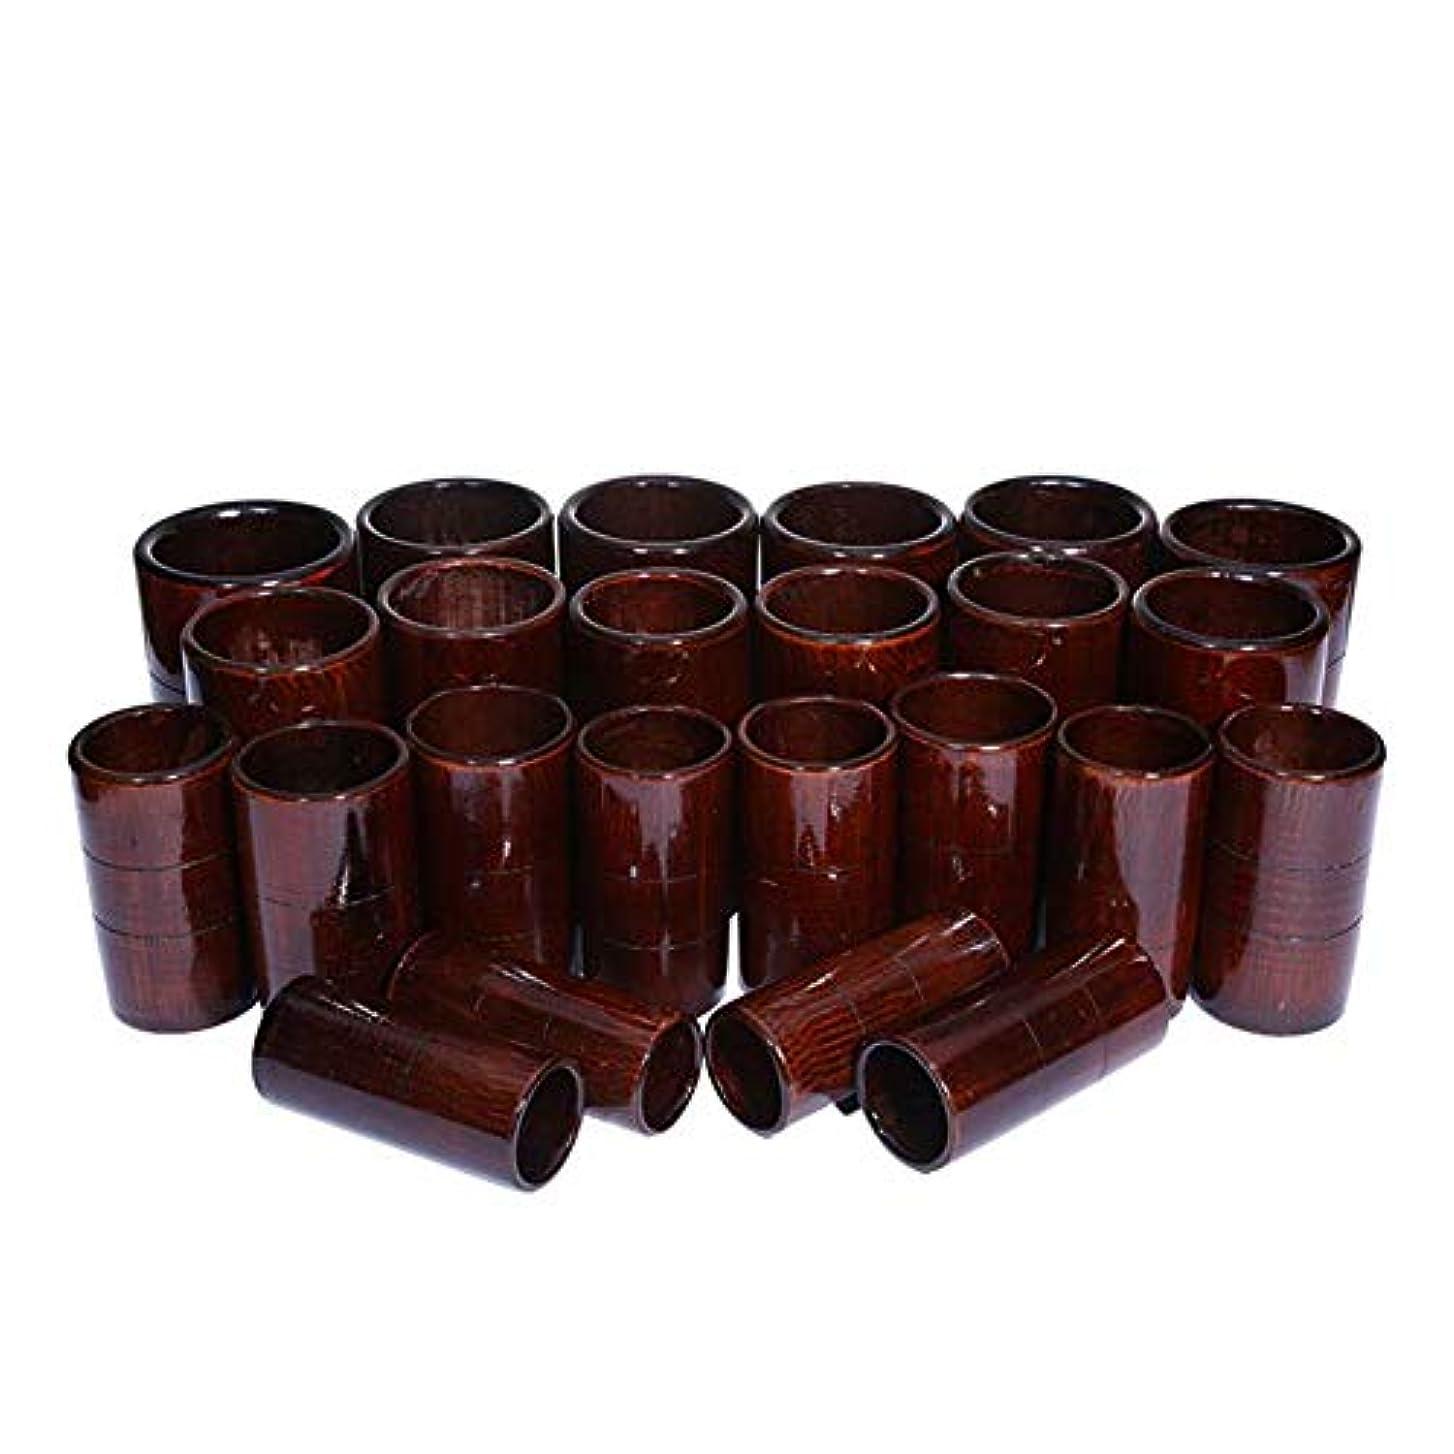 有益間接的習字竹鍼治療セット - 炭缶ボディ医療吸引セット - カッピングマッサージバキュームカップ,D24pcs